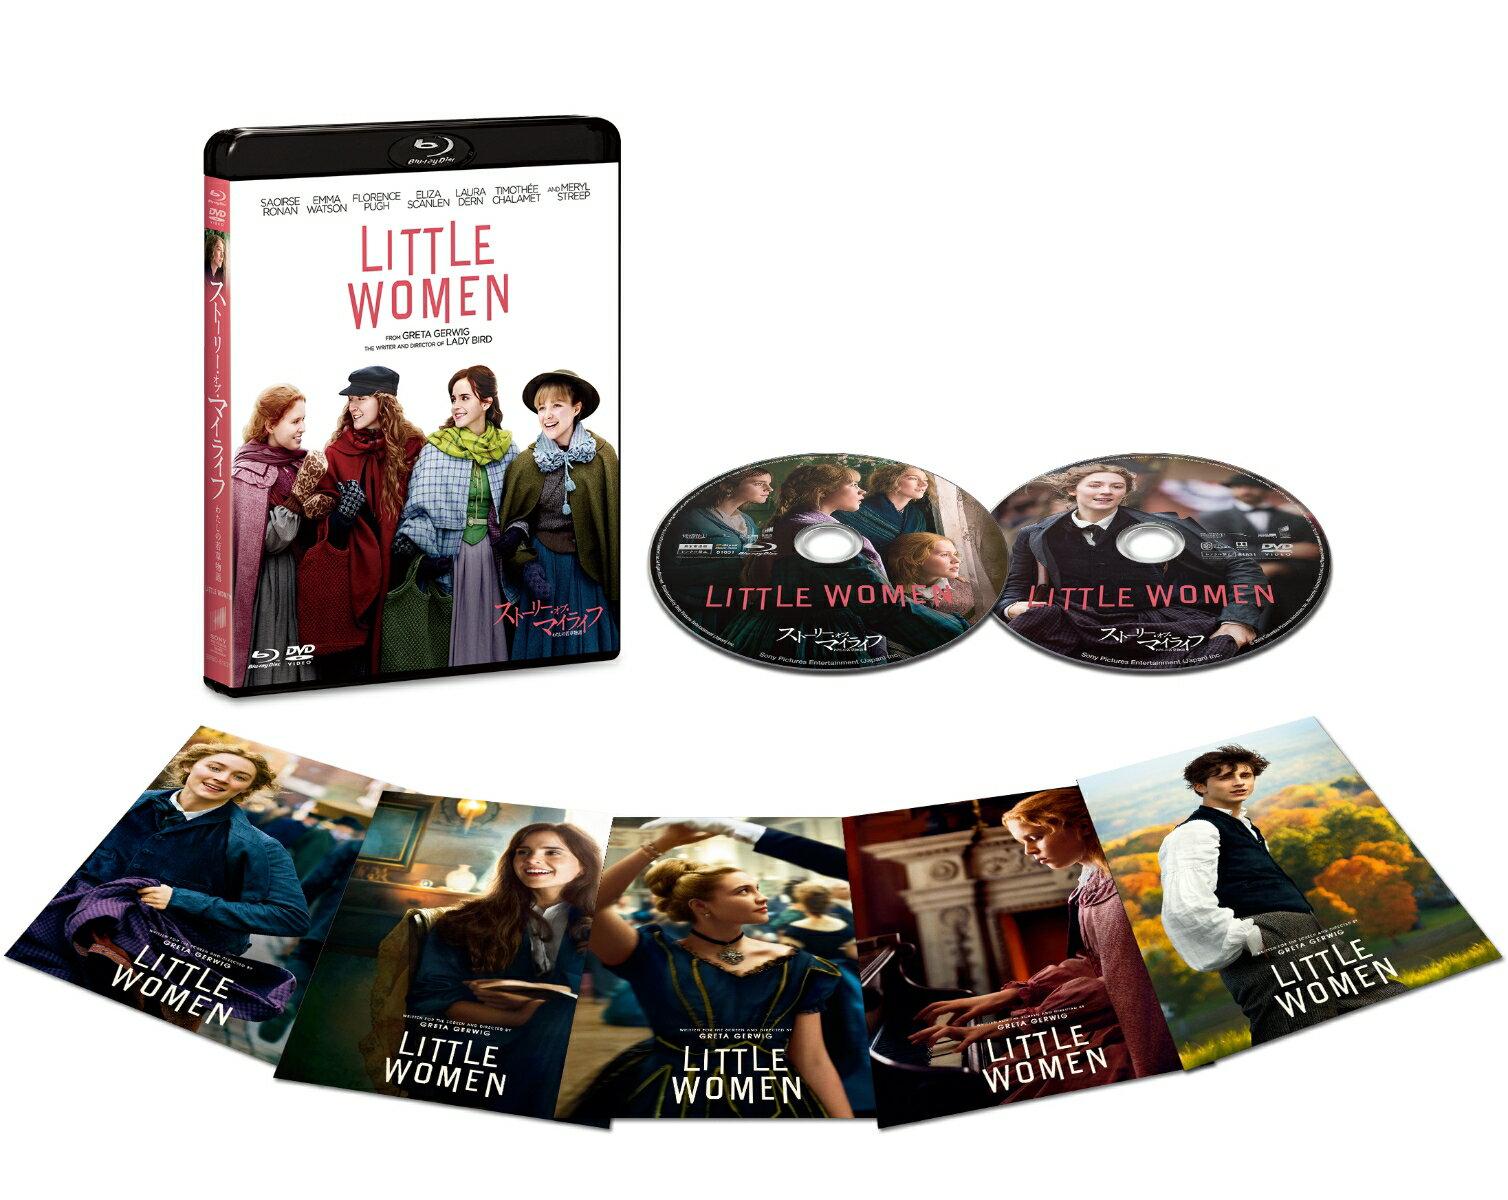 ストーリー・オブ・マイライフ/わたしの若草物語 ブルーレイ&DVDセット【Blu-ray】画像